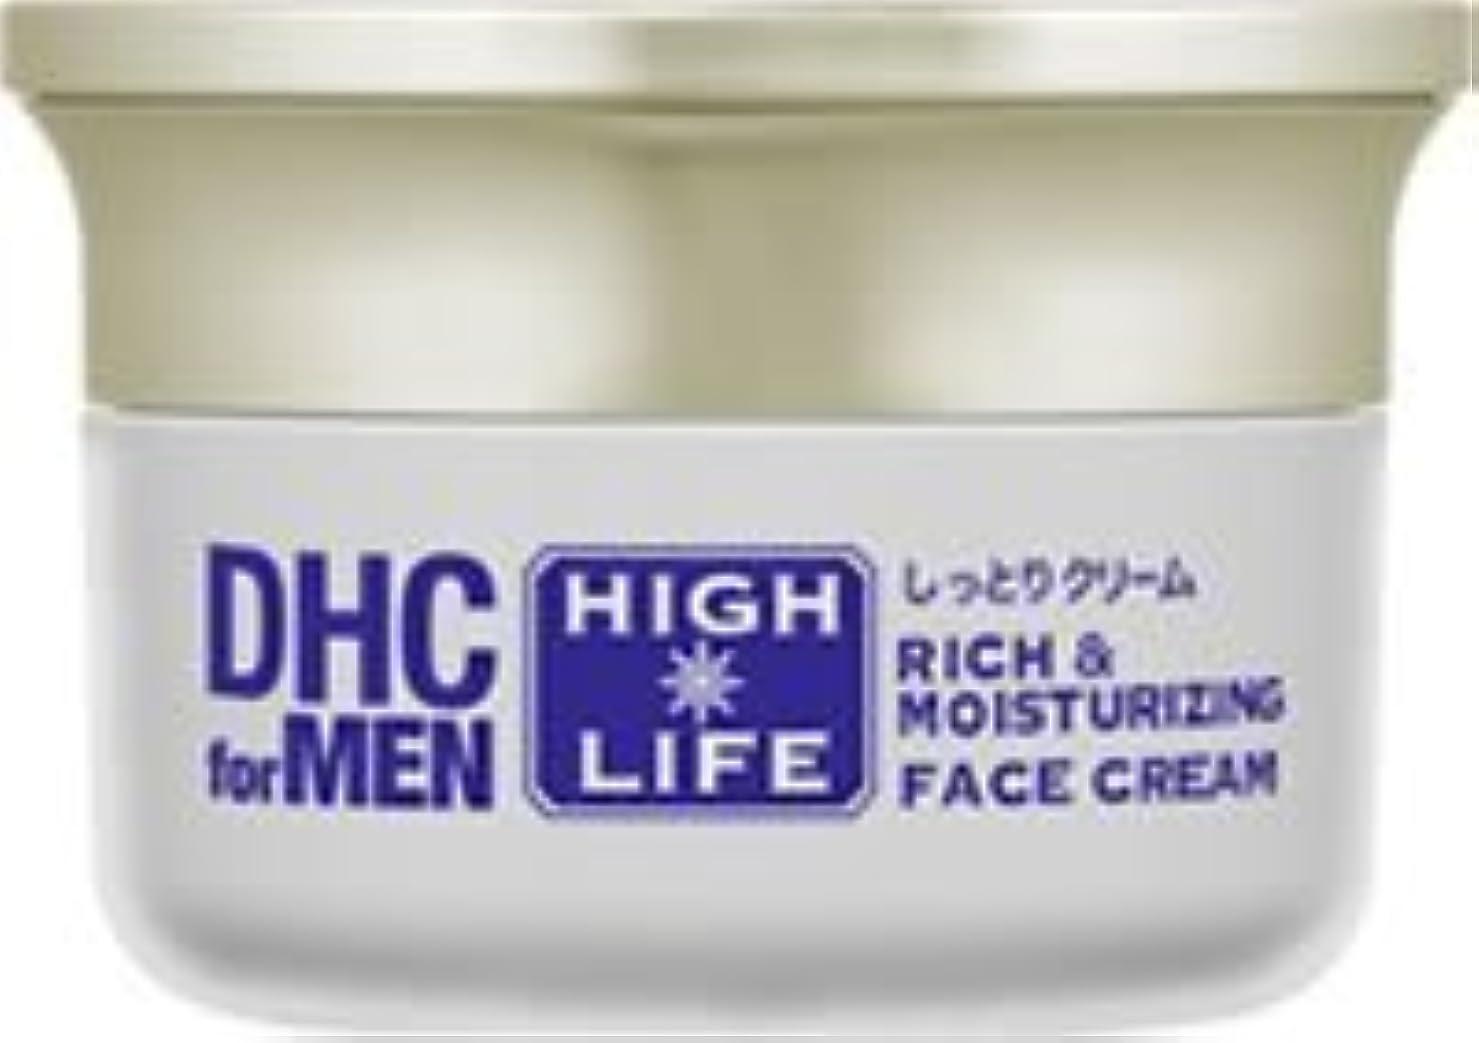 許可するビルマ組み合わせDHCリッチ&モイスチュア フェースクリーム【DHC for MEN ハイライフ】